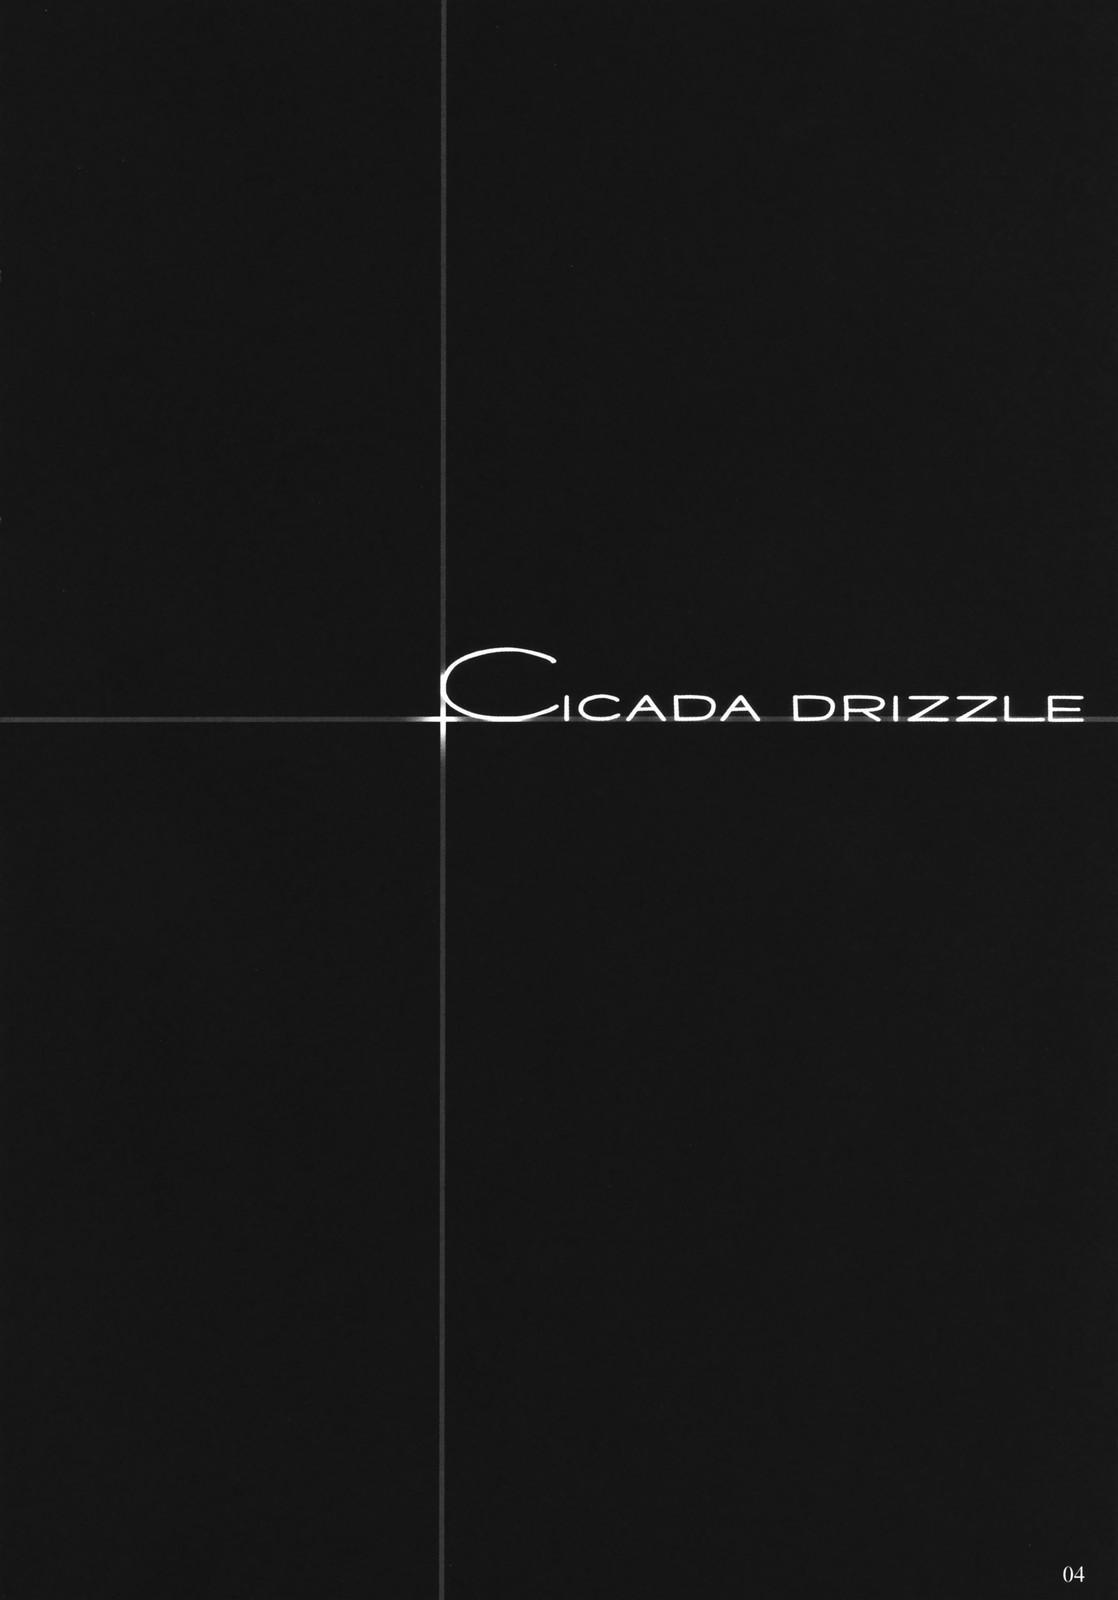 Cicada Drizzle 2